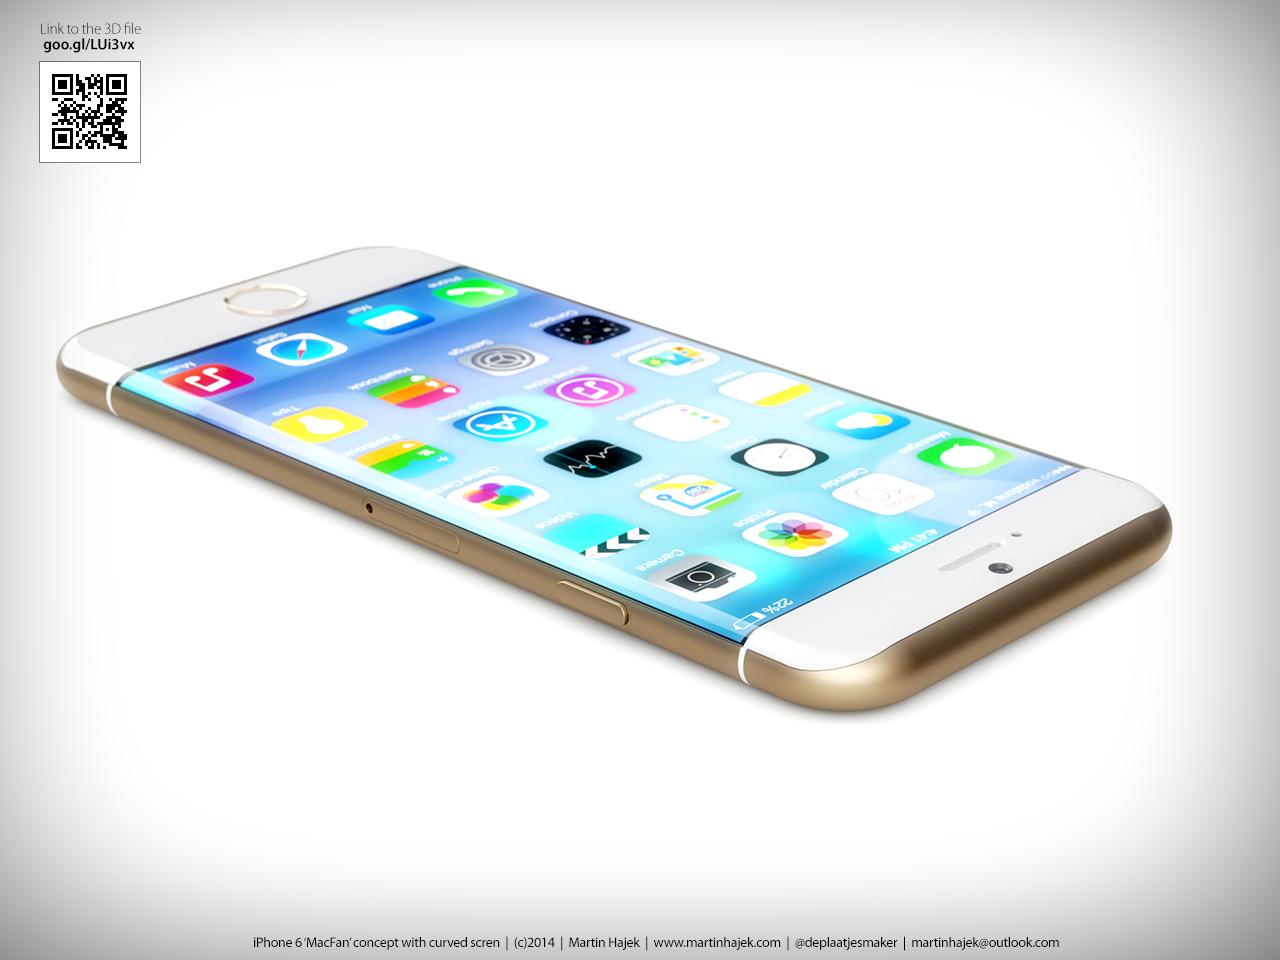 conceito-de-iphone-6-com-tela-curva-6